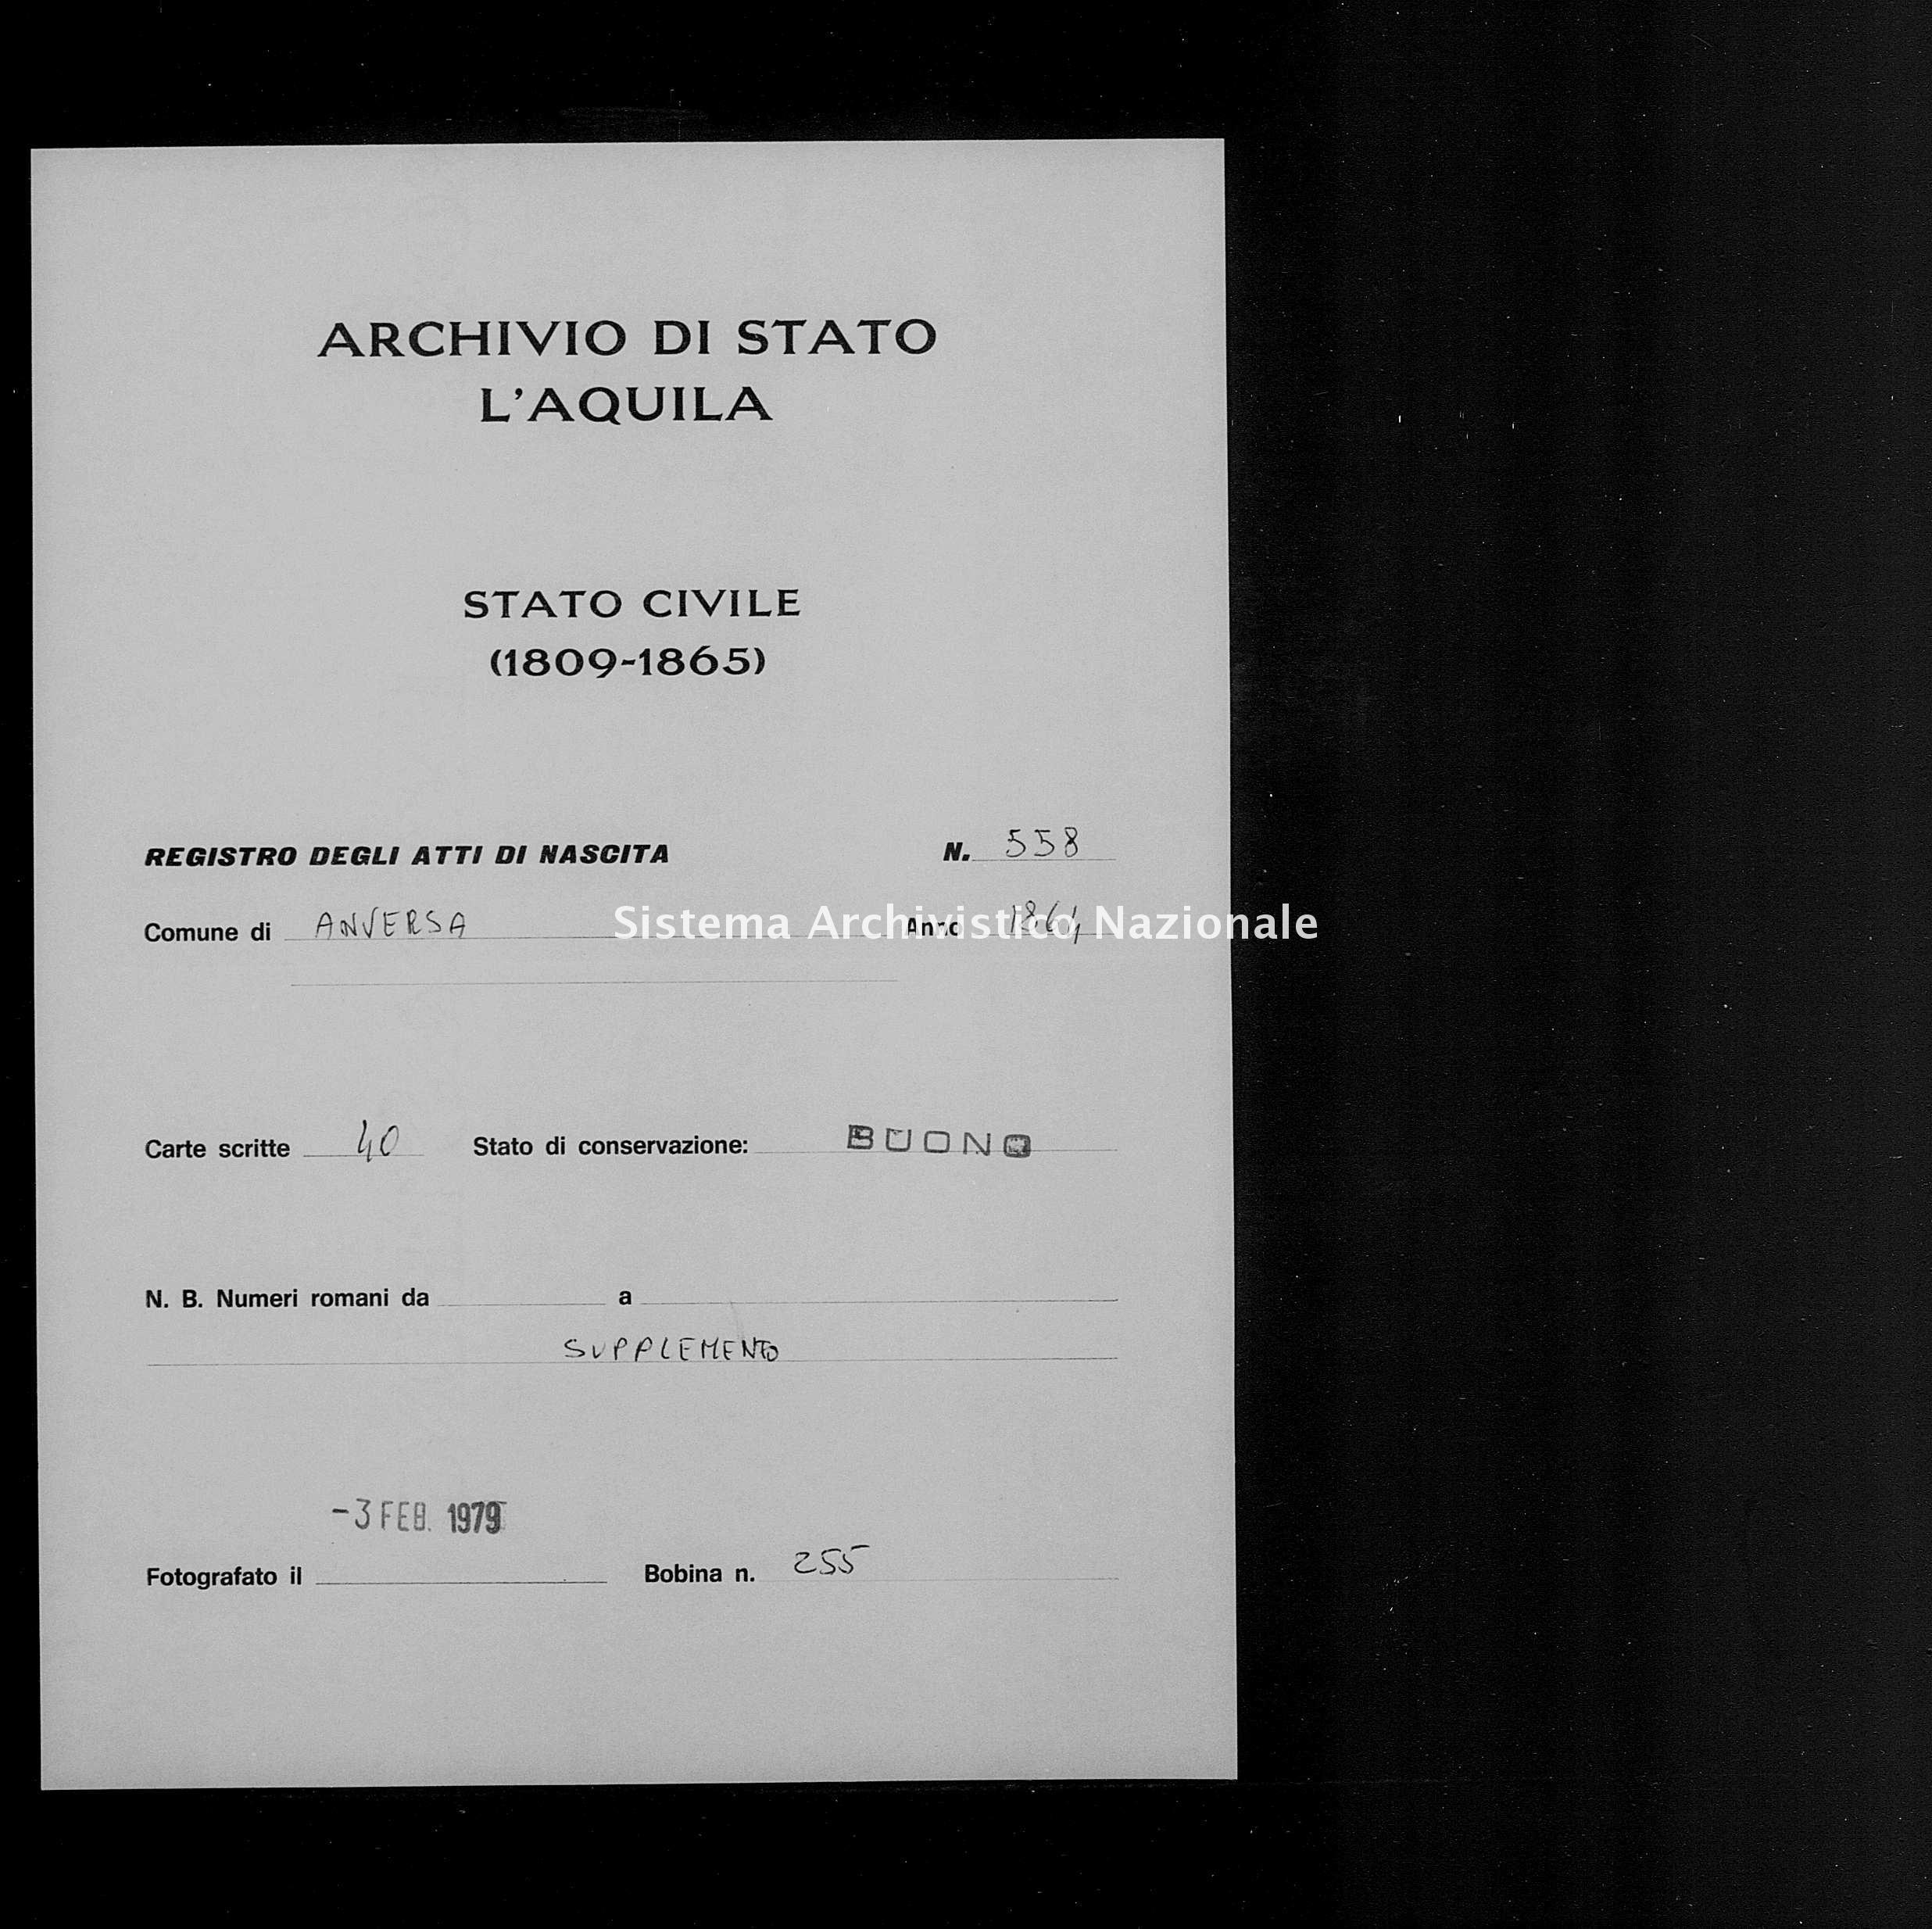 Archivio di stato di L'aquila - Stato civile italiano - Anversa degli Abruzzi - Nati, battesimi - 1864 - 558 -